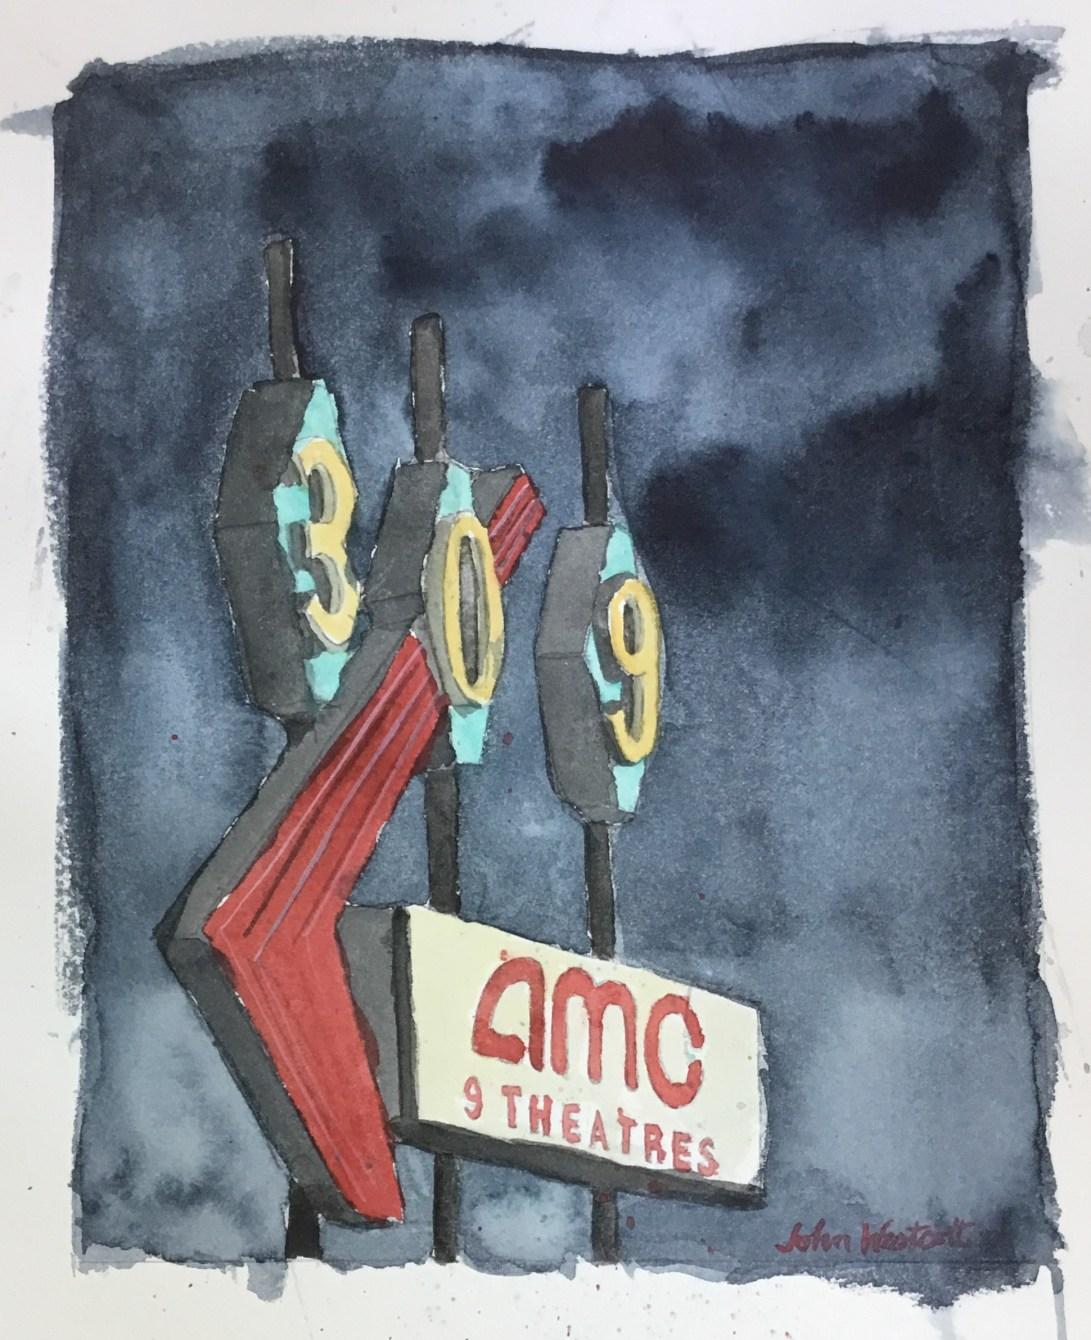 309 Cinema Sign at Dusk